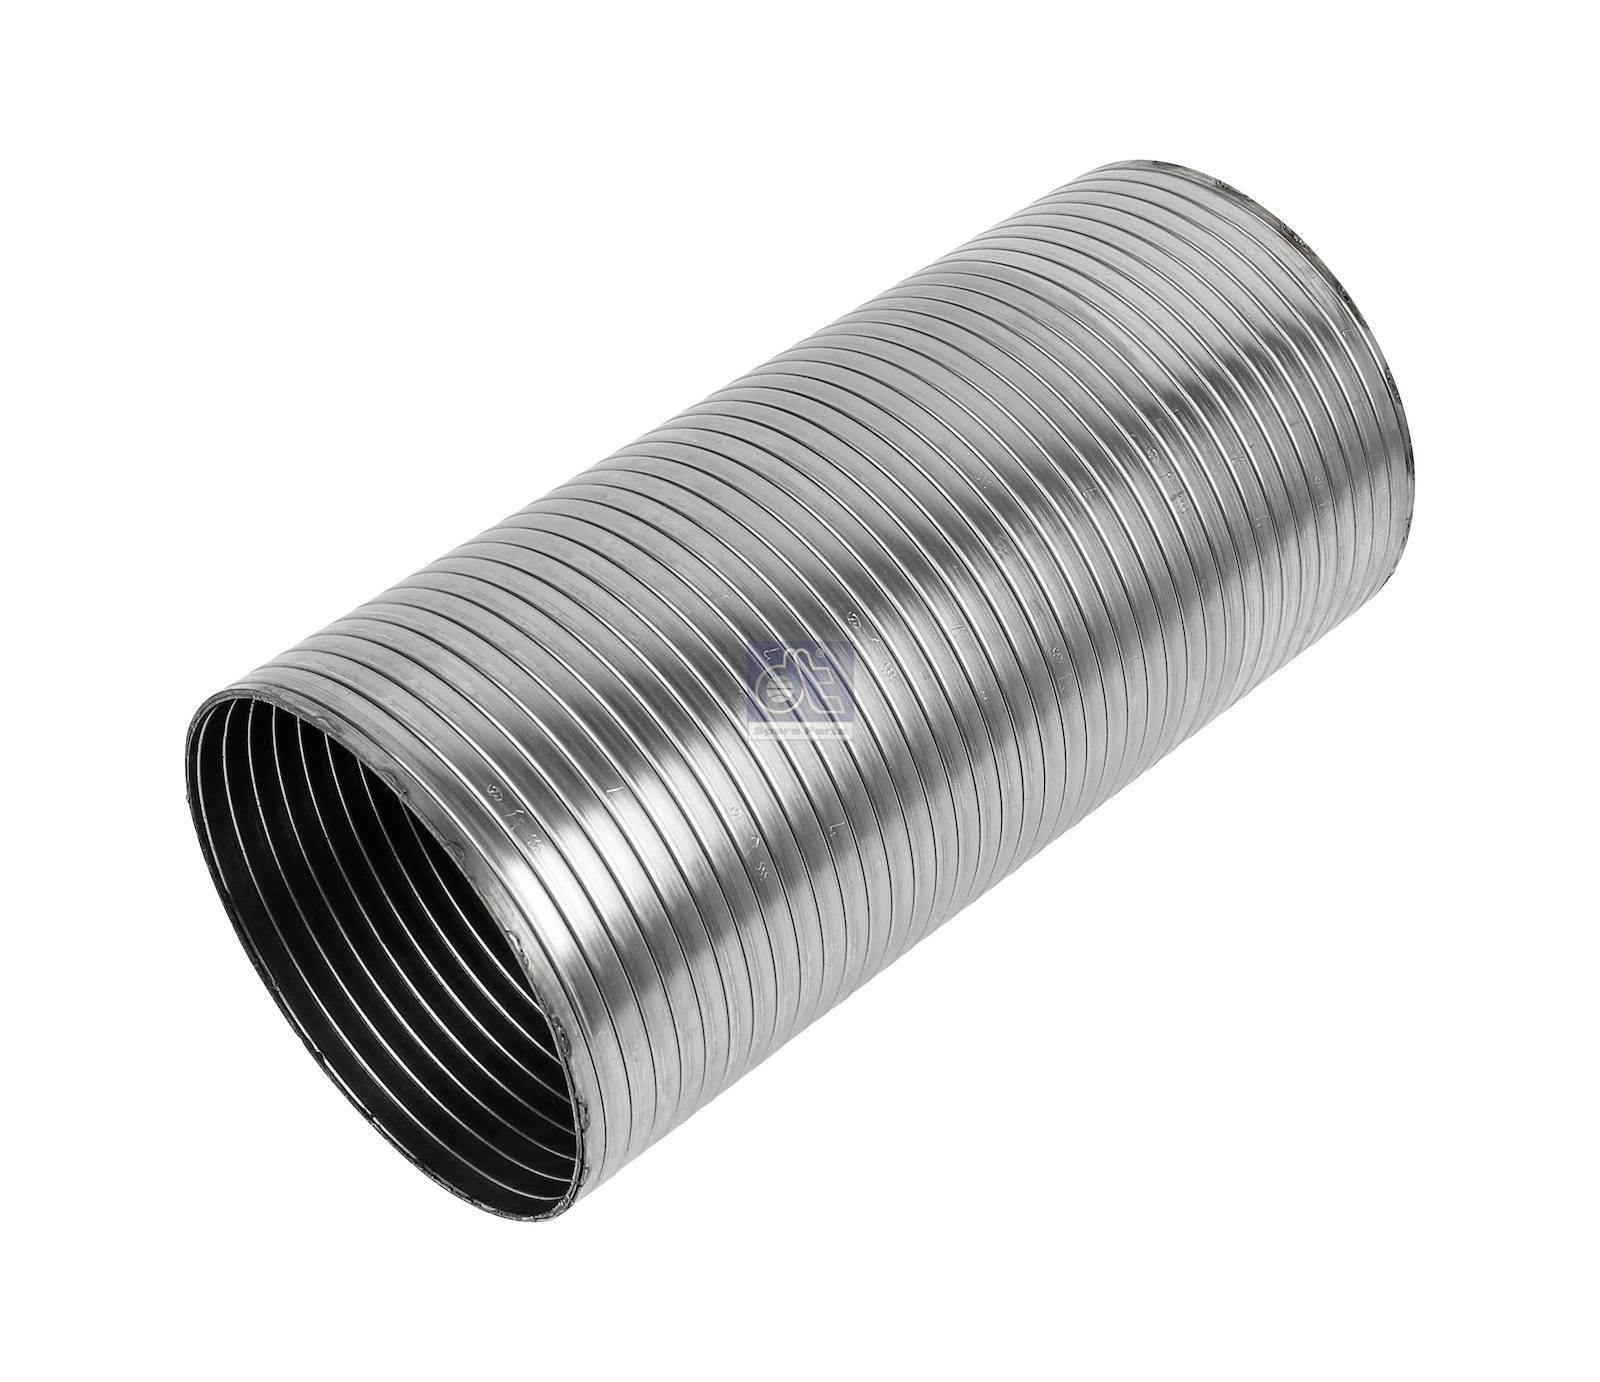 Tubo flessibile di metallo